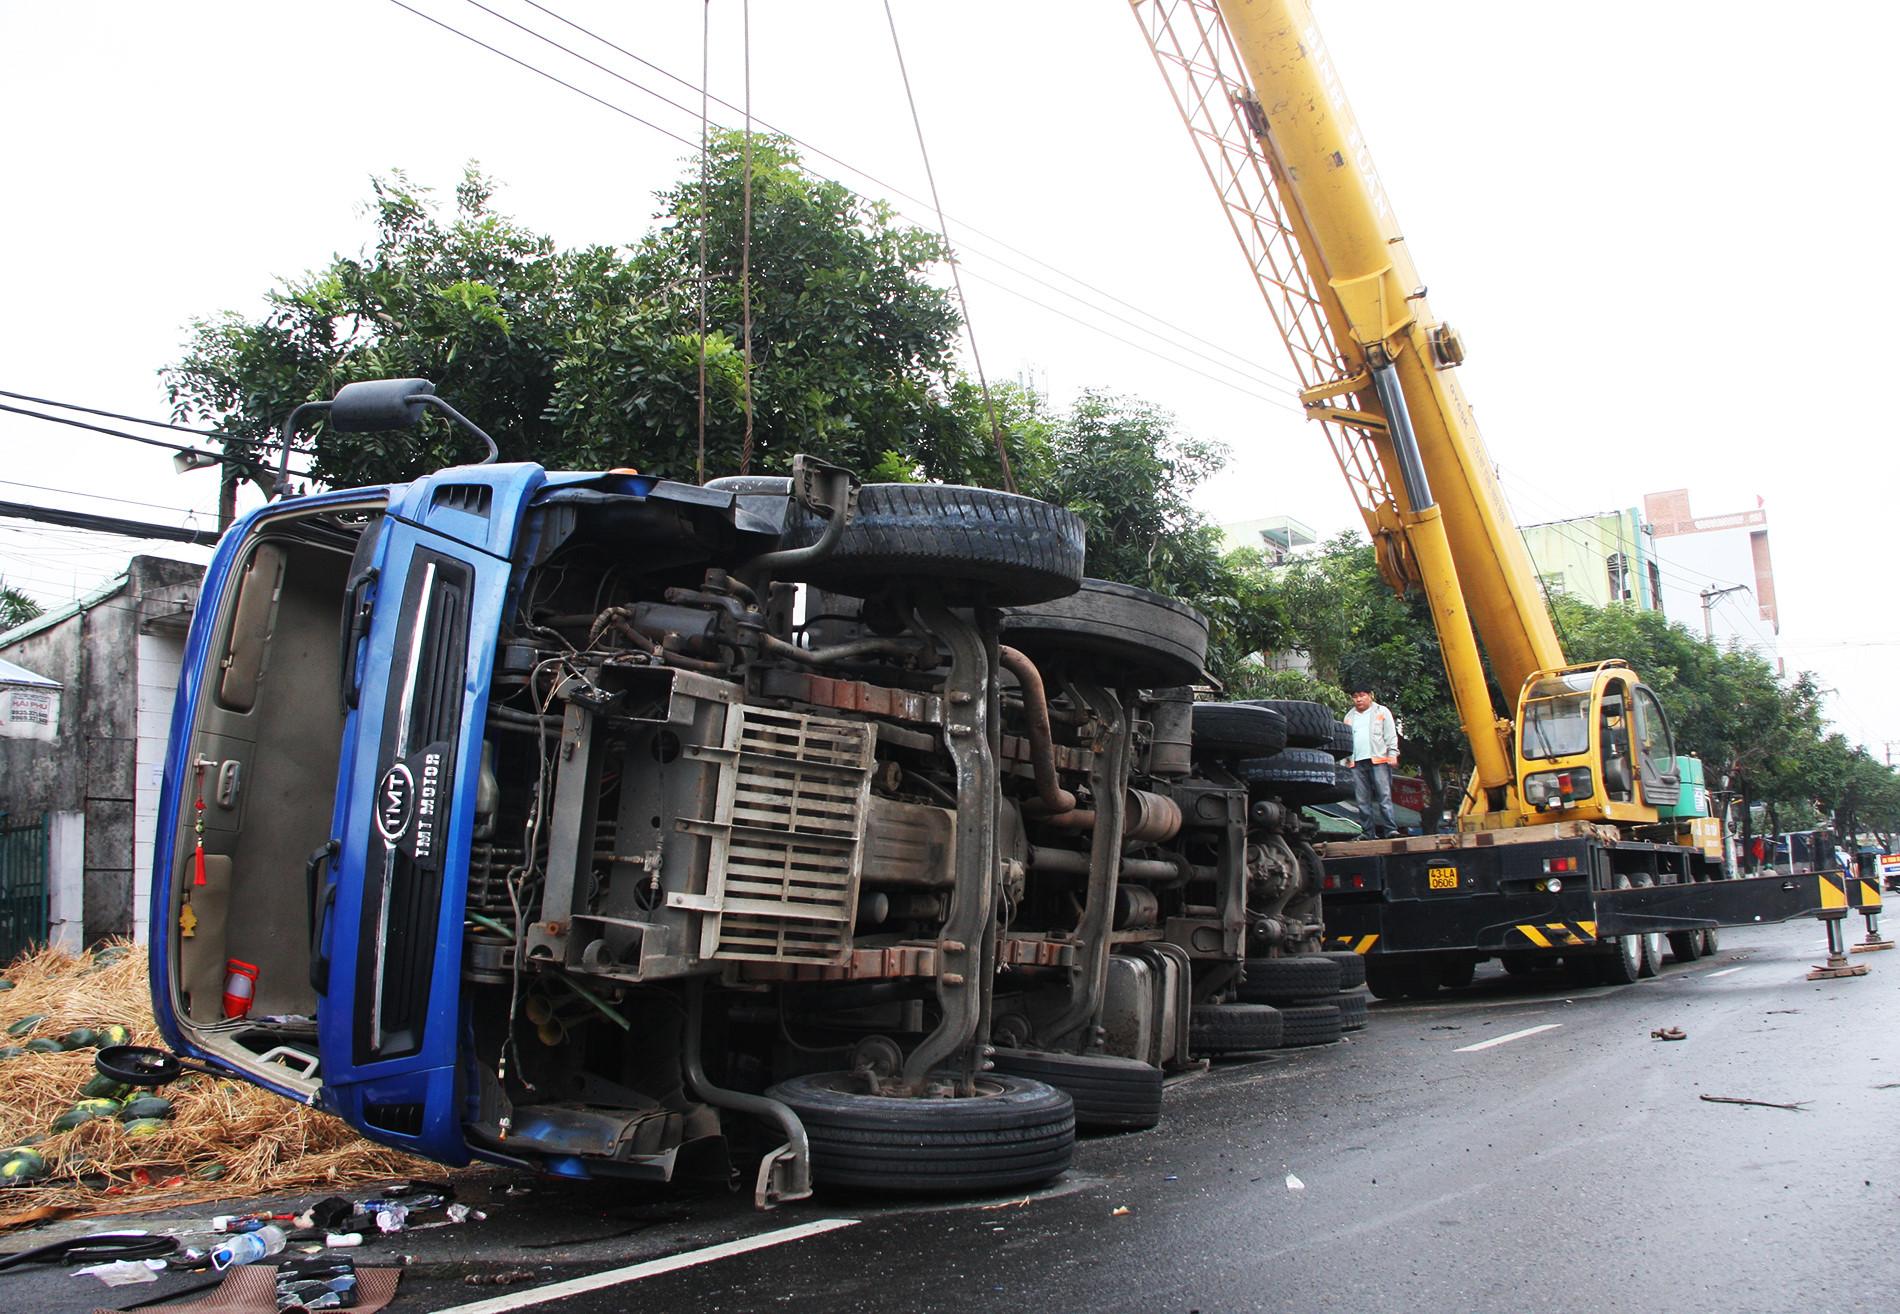 Ô tô tải chở hơn 20 tấn dưa lật xuống đường, không mất một quả